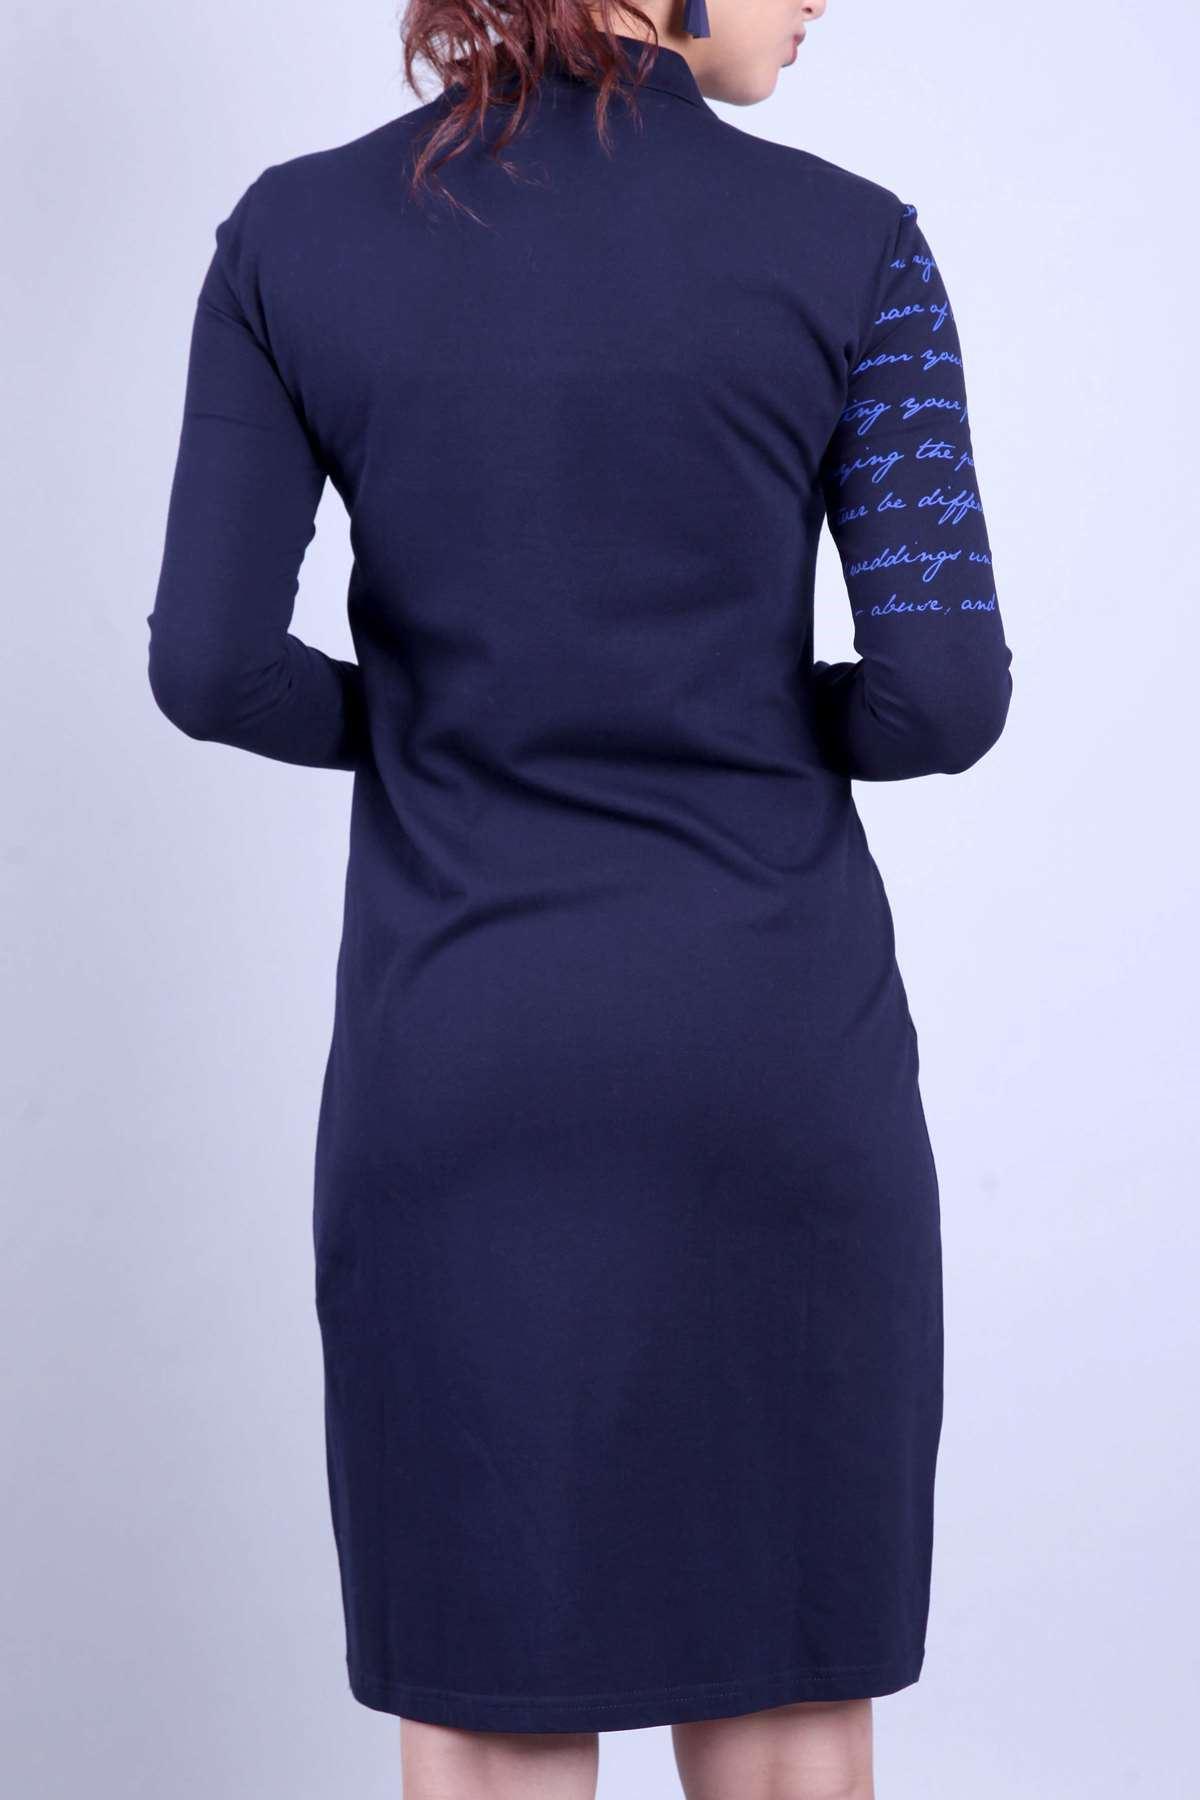 Polo Yaka Yazılı Slim Fit Tunik Laci